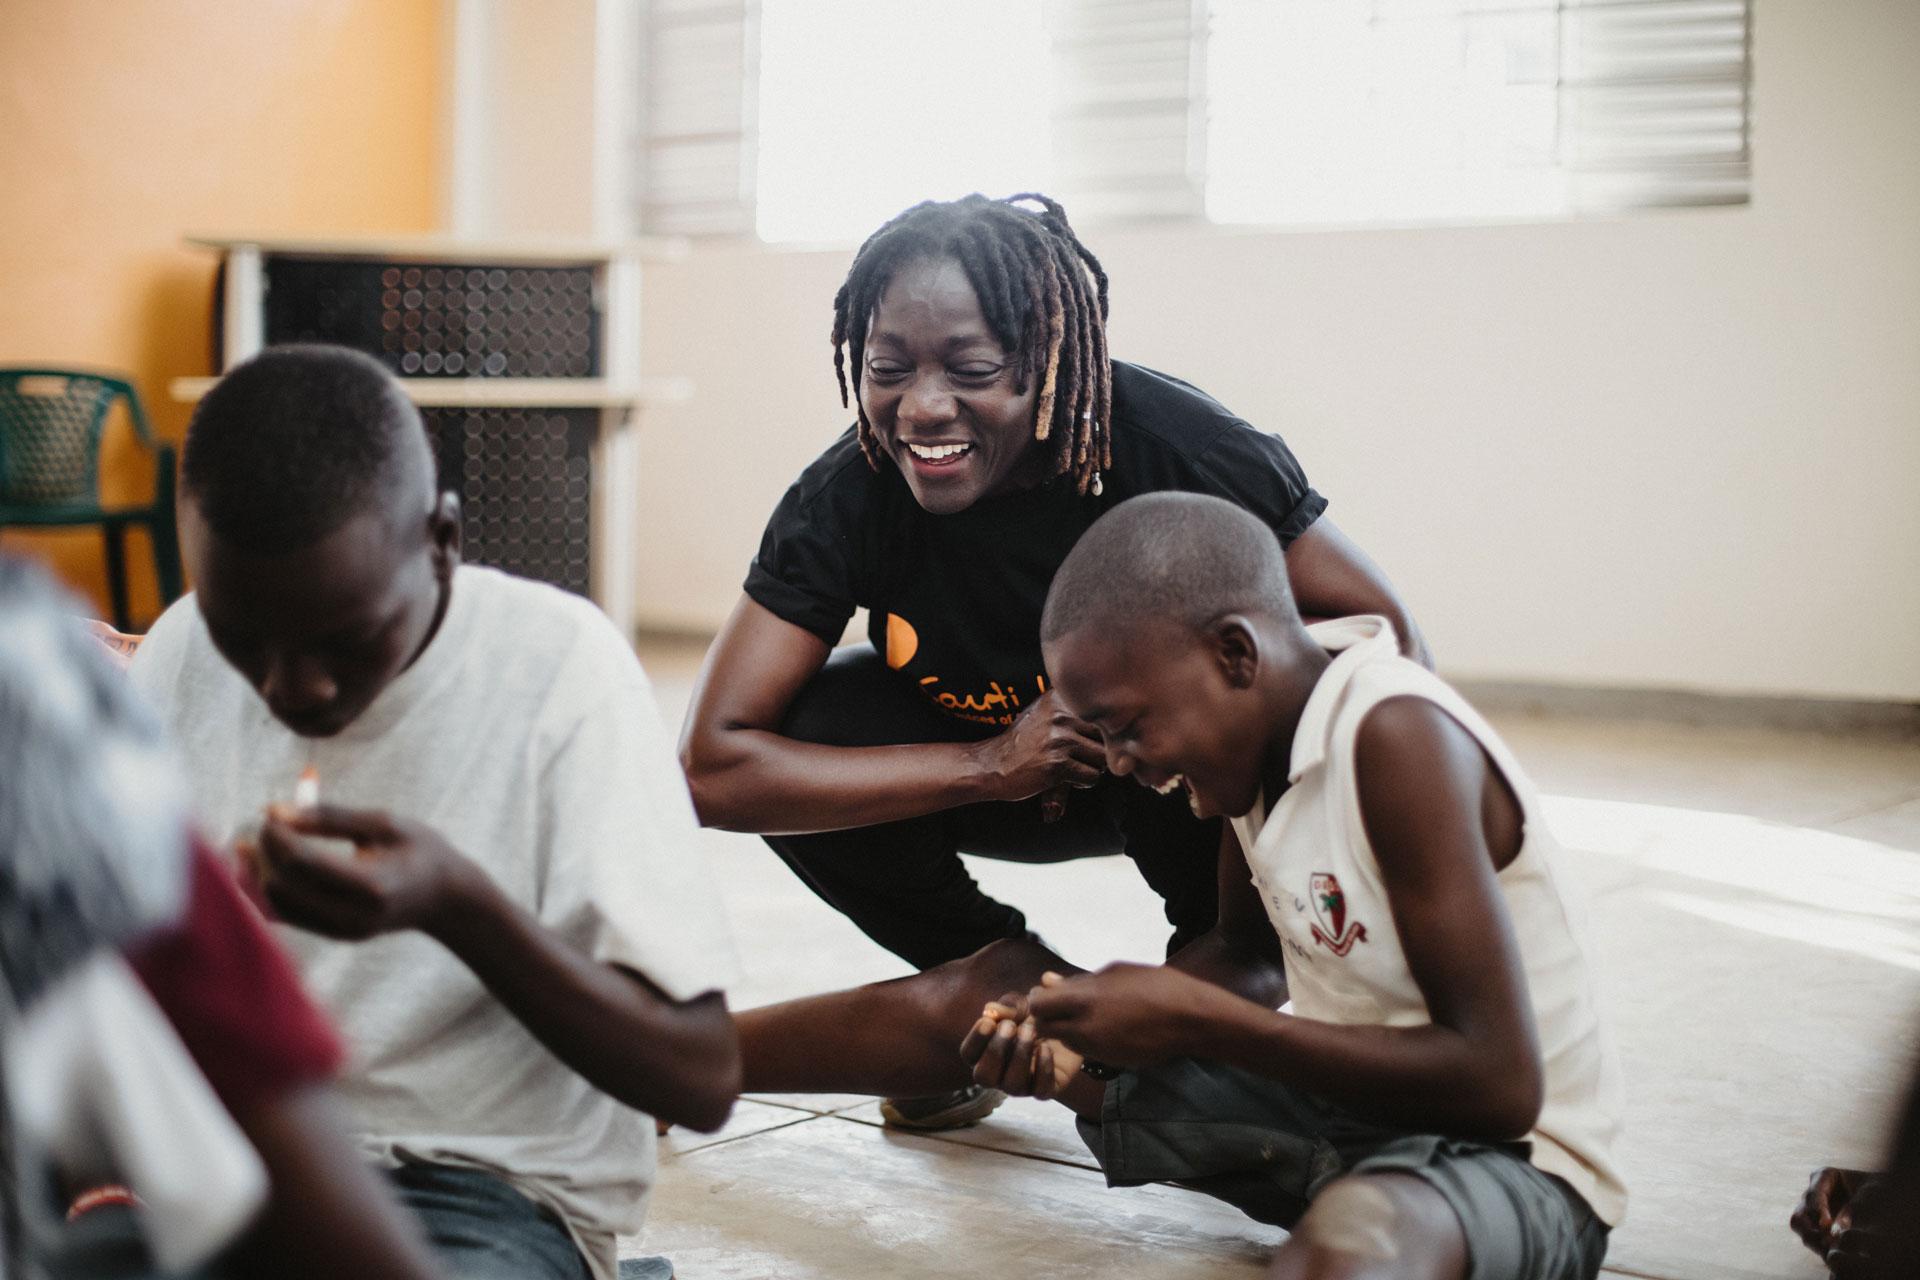 Obama Stiftungsprojekt in Kenya für die Patrizia Children Foundation